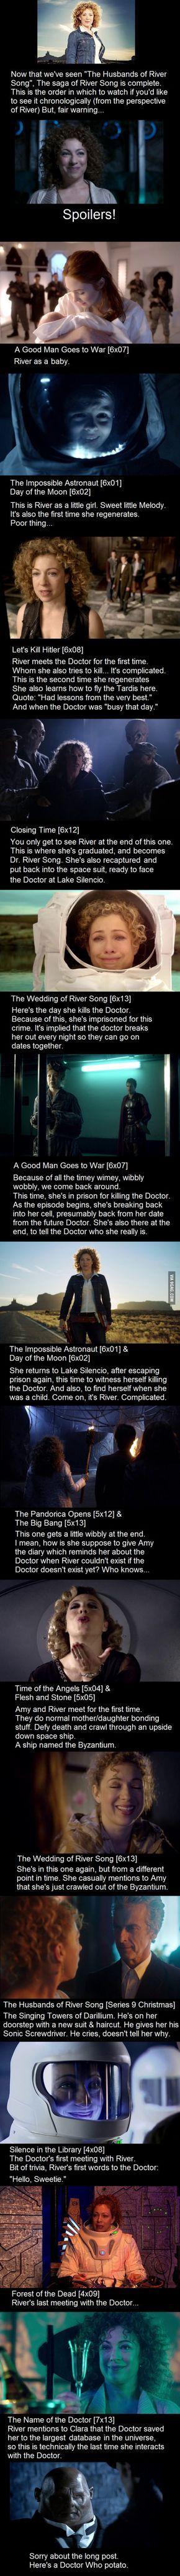 River Song's Timeline. Watch in this order if you'd like to see River's journey in Doctor Who #drwho Sie inetessieren sich für den einzigartigen Gentleman Look? Schauen Sie im Blog vorbei www.thegentlemanclub.de